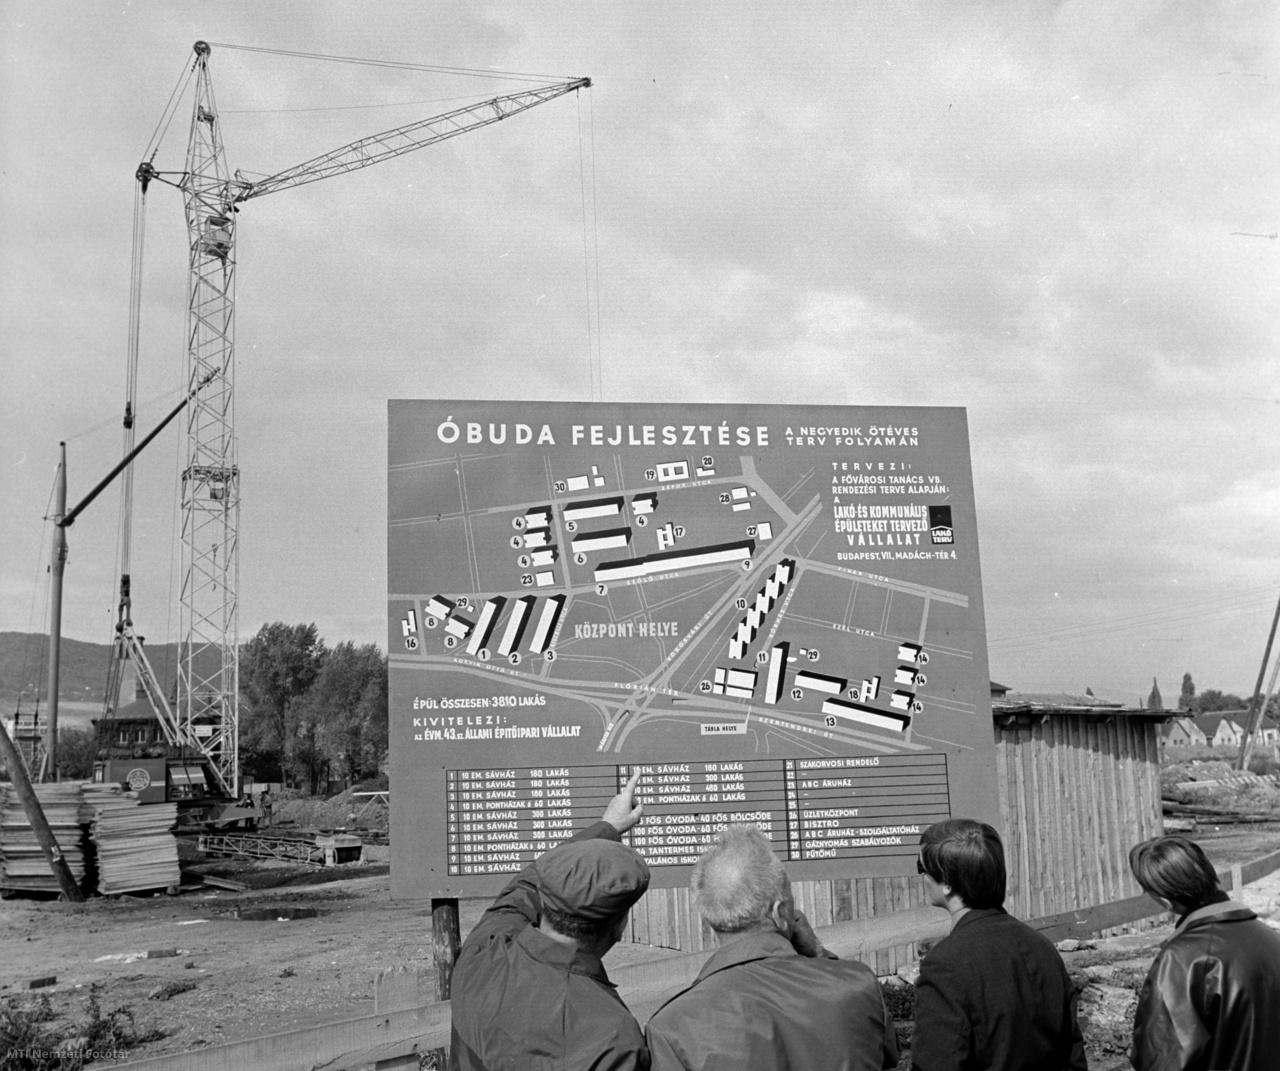 Érdeklődők nézik azt a nagyméretű táblát 1968. október 1-jén, amelyen az Óbudai új lakótelep elhelyezkedése látható